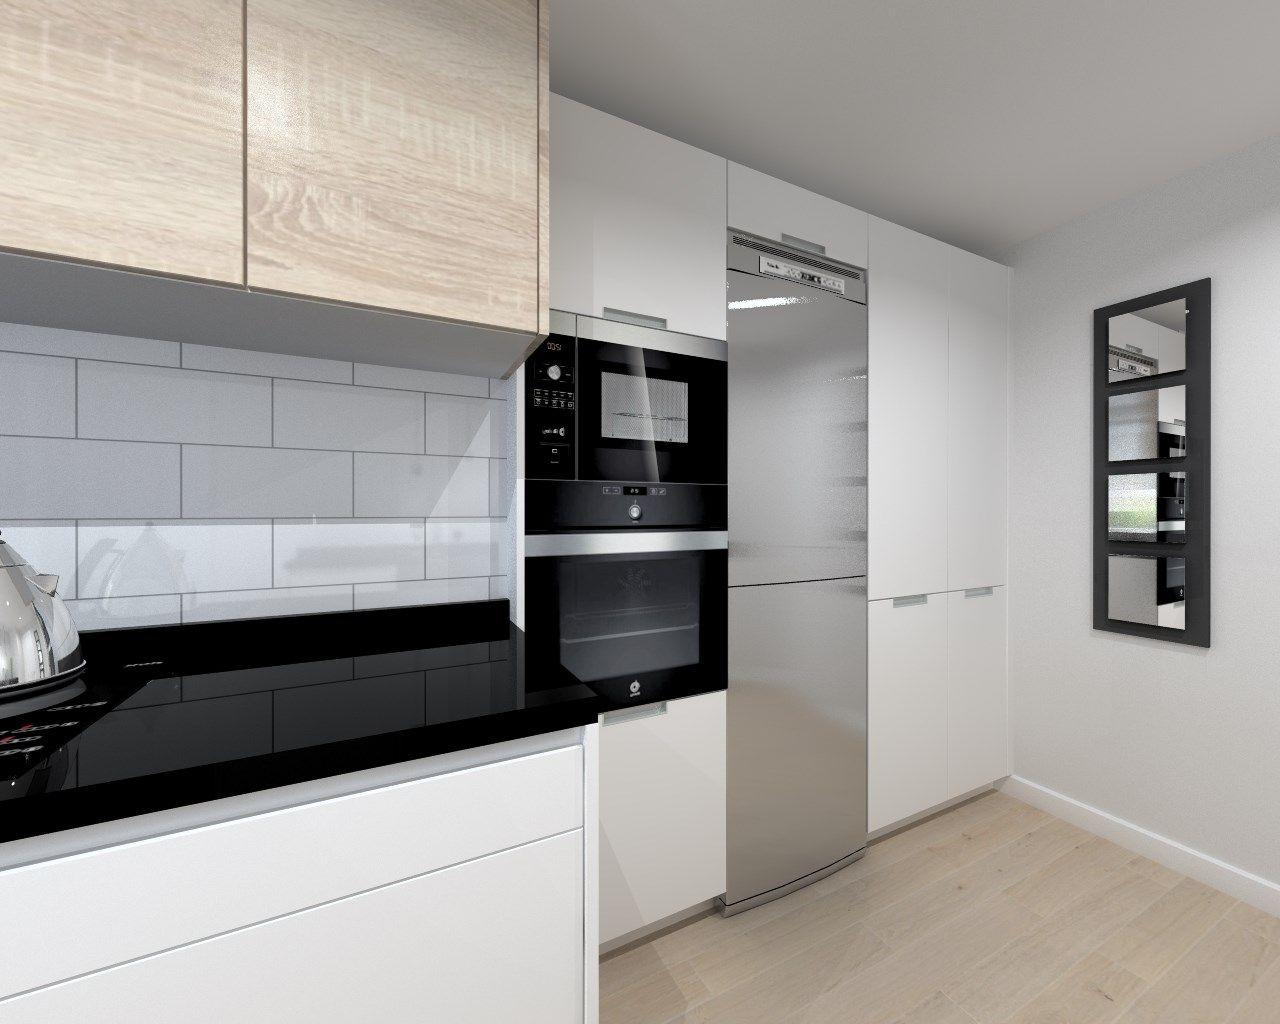 Cocina santos modelo line estratificado blanco con for Encimera de granito negro